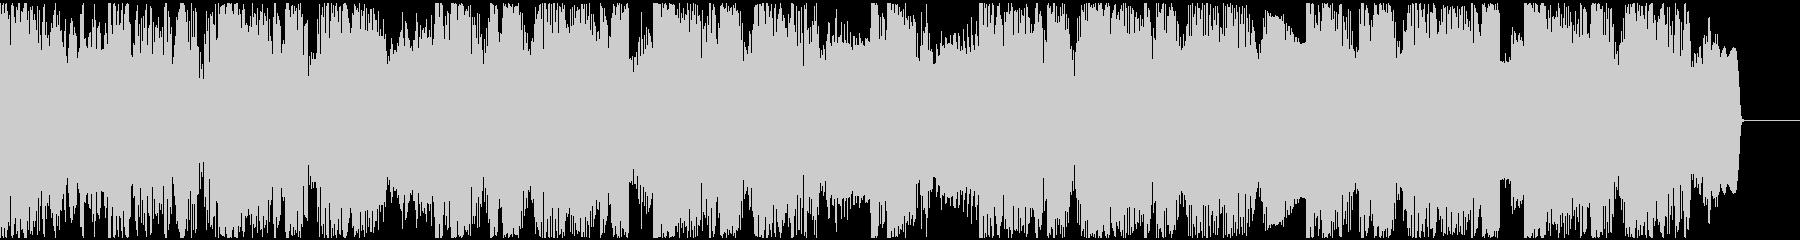 【EDM】ロング9、ショート3の未再生の波形